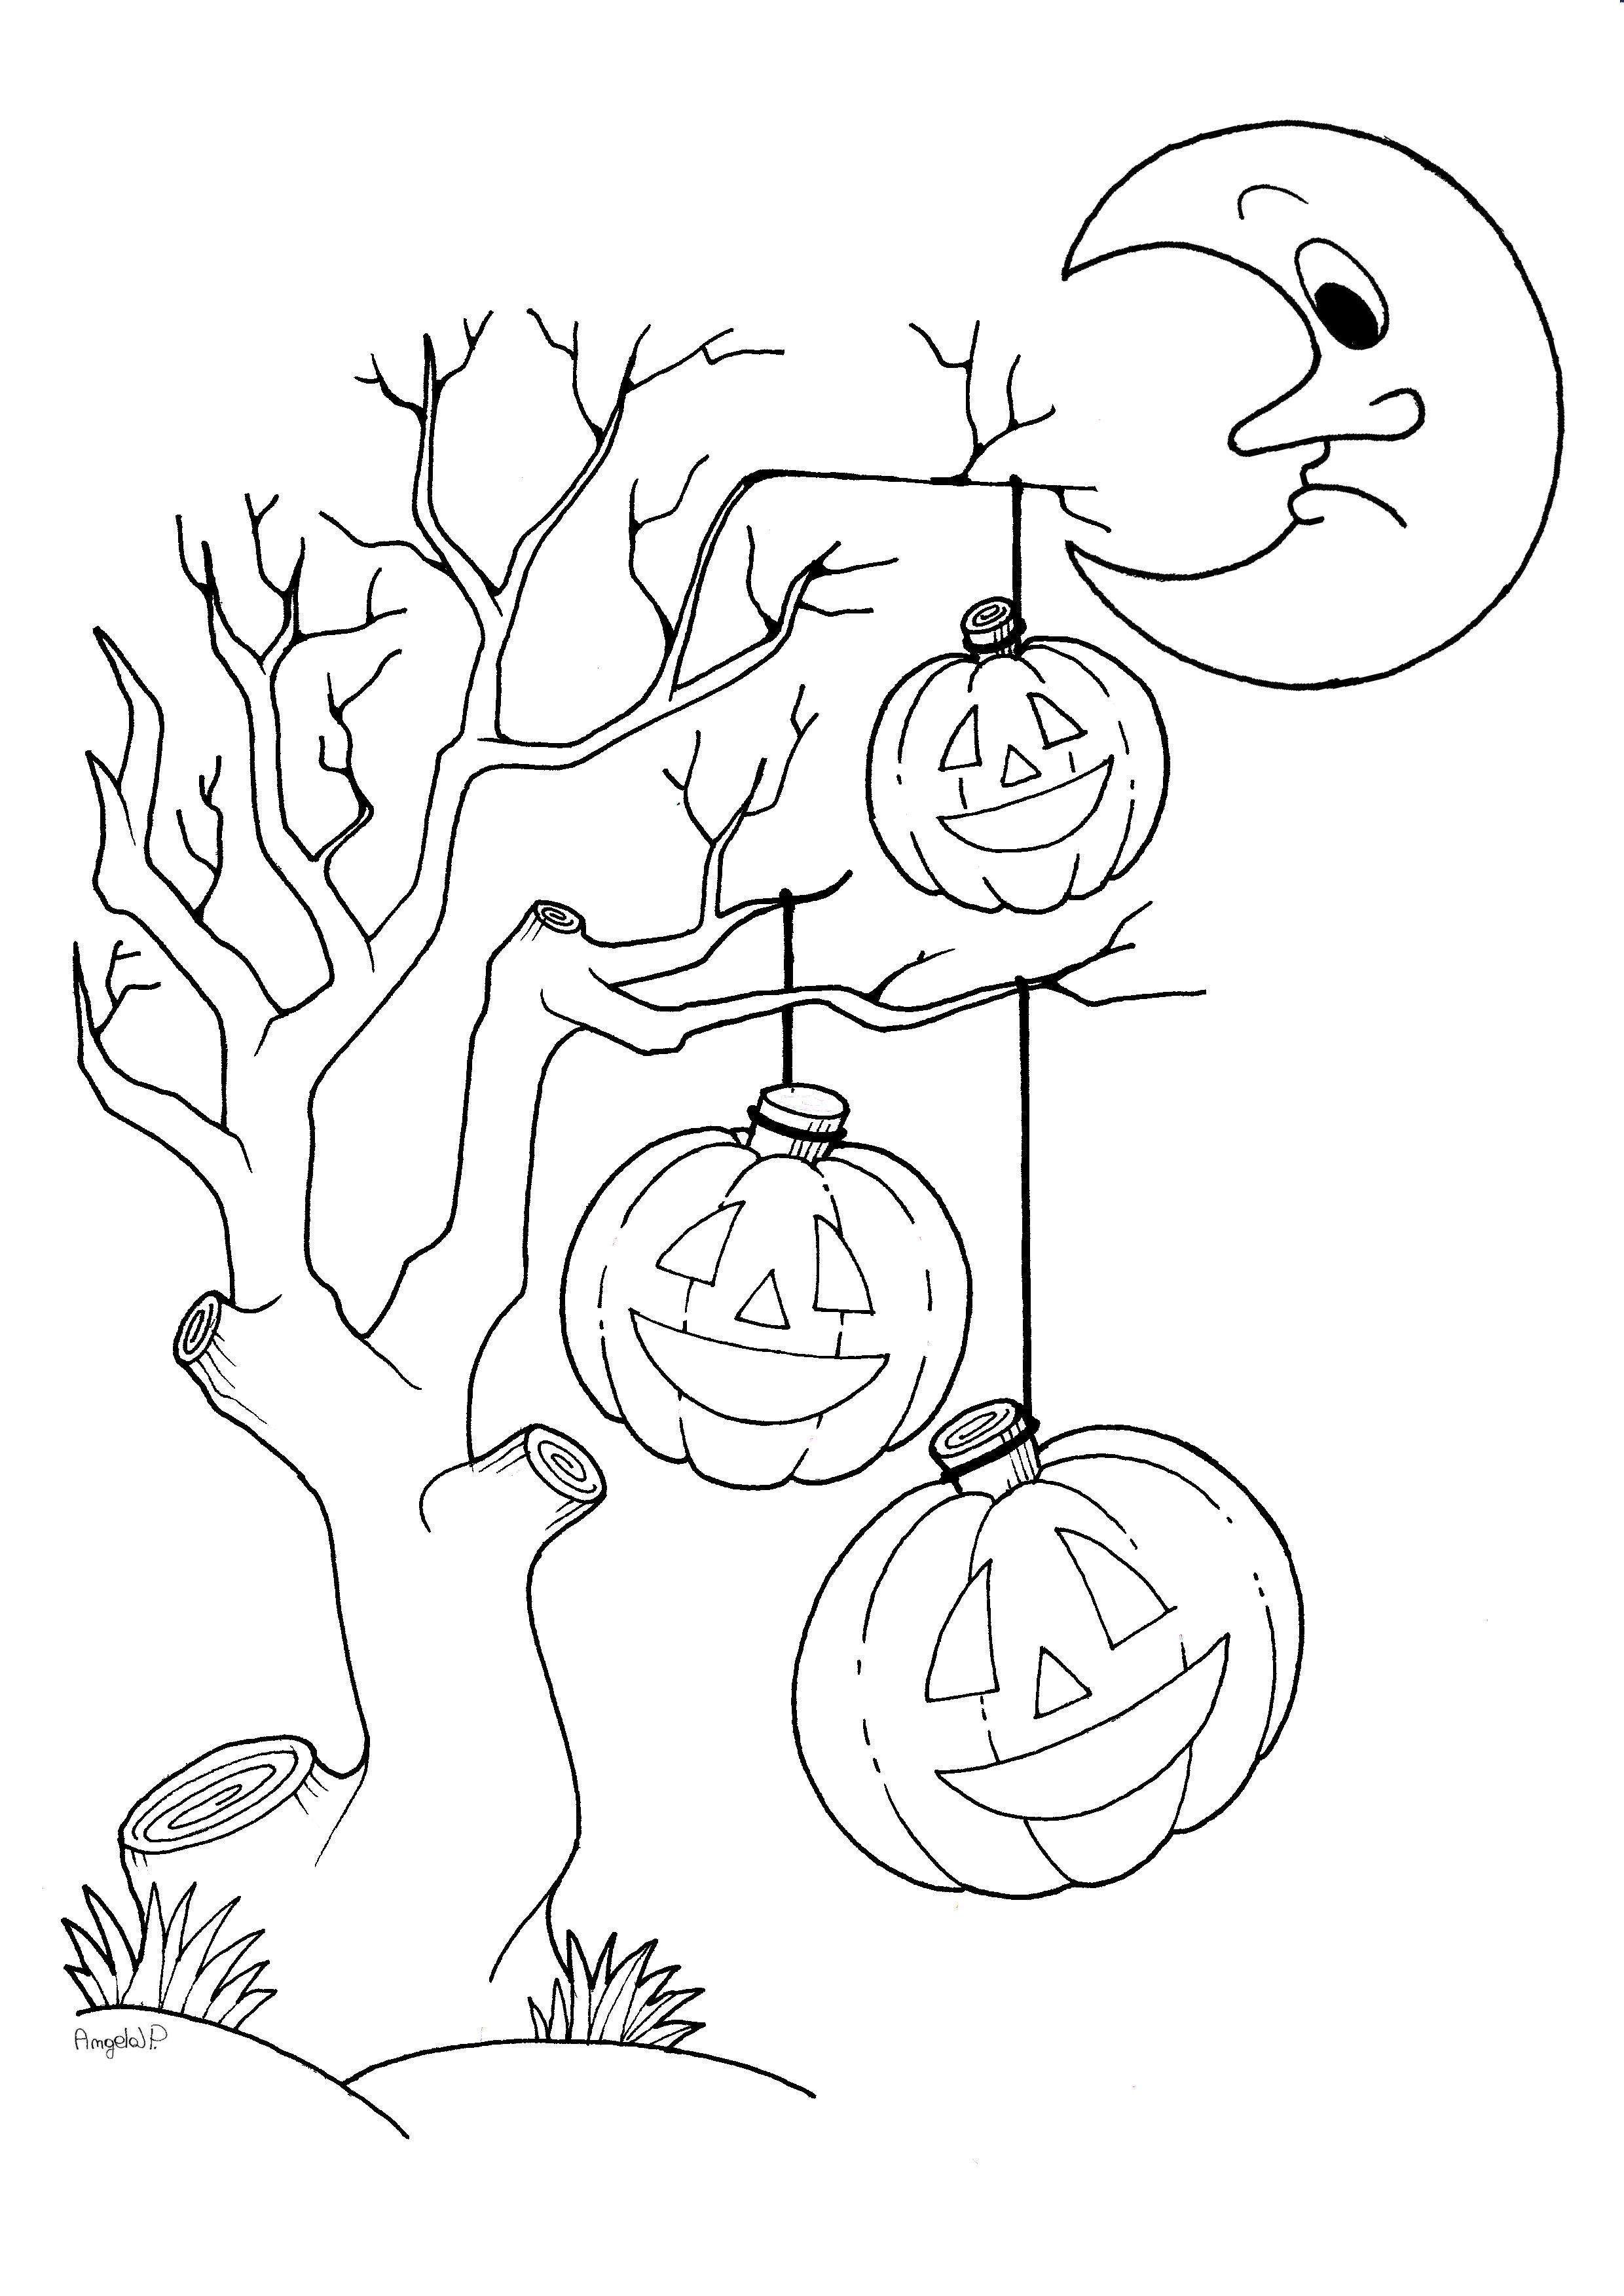 Halloween Disegni Gratis Da Stampare E Colorare Immagini Da